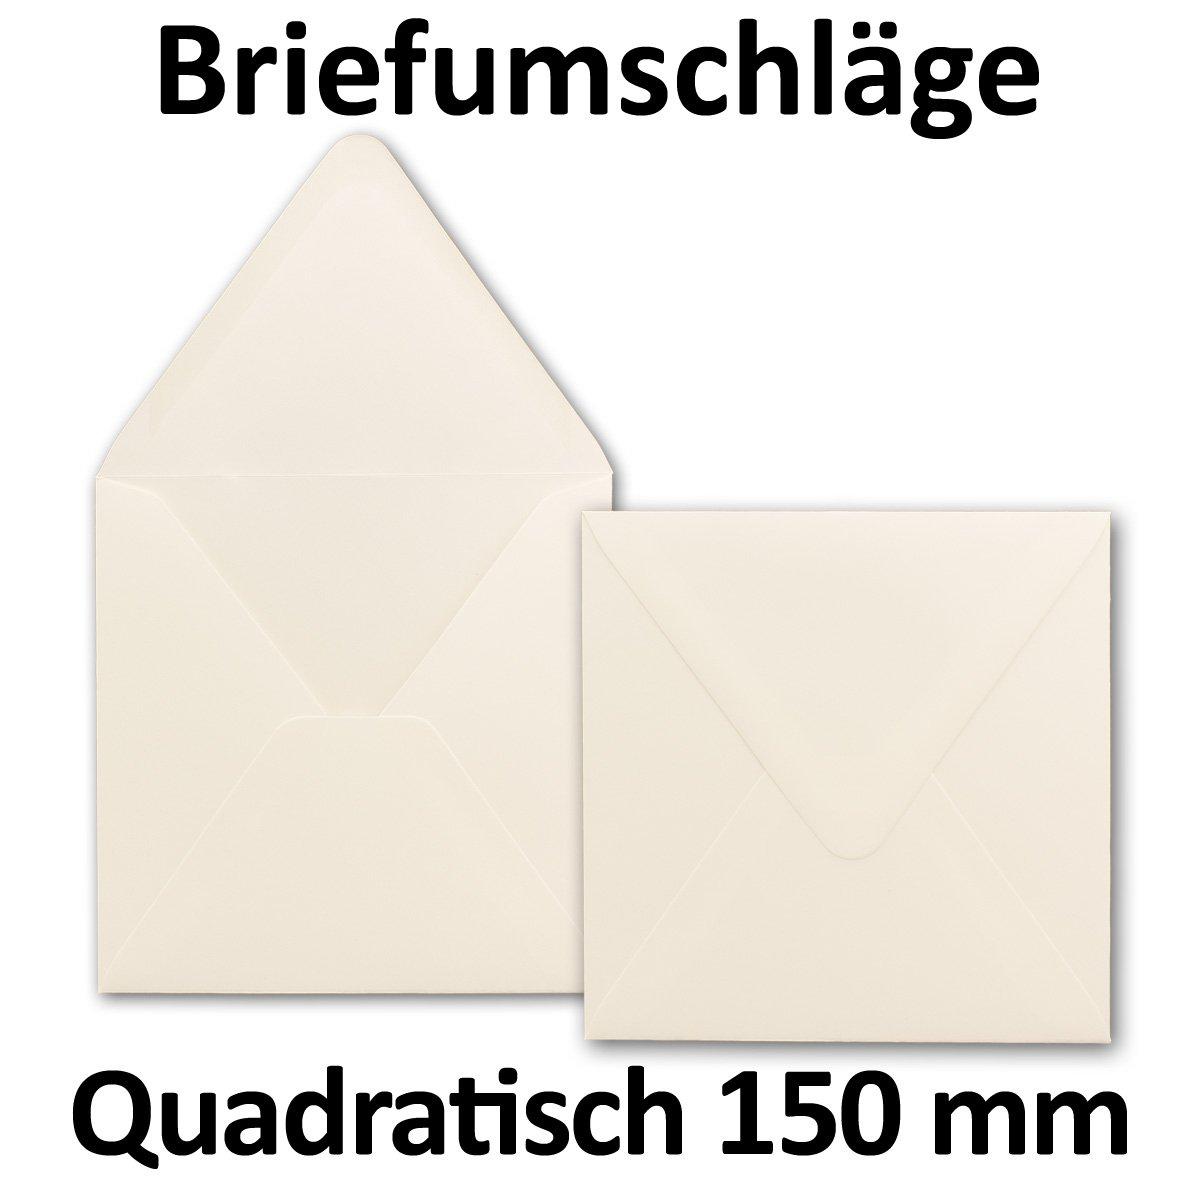 400x 400x 400x quadratische Brief-Umschläge 150 x 150 mm - Creme-Weiß - 120 g m²   Für ganz besondere Anlässe  - Nassklebung - Qualitätsmarke  GUSTAV NEUSER B076CM2LLS   Bevorzugtes Material    Starke Hitze- und Hitzebeständigkeit   b9d7ad